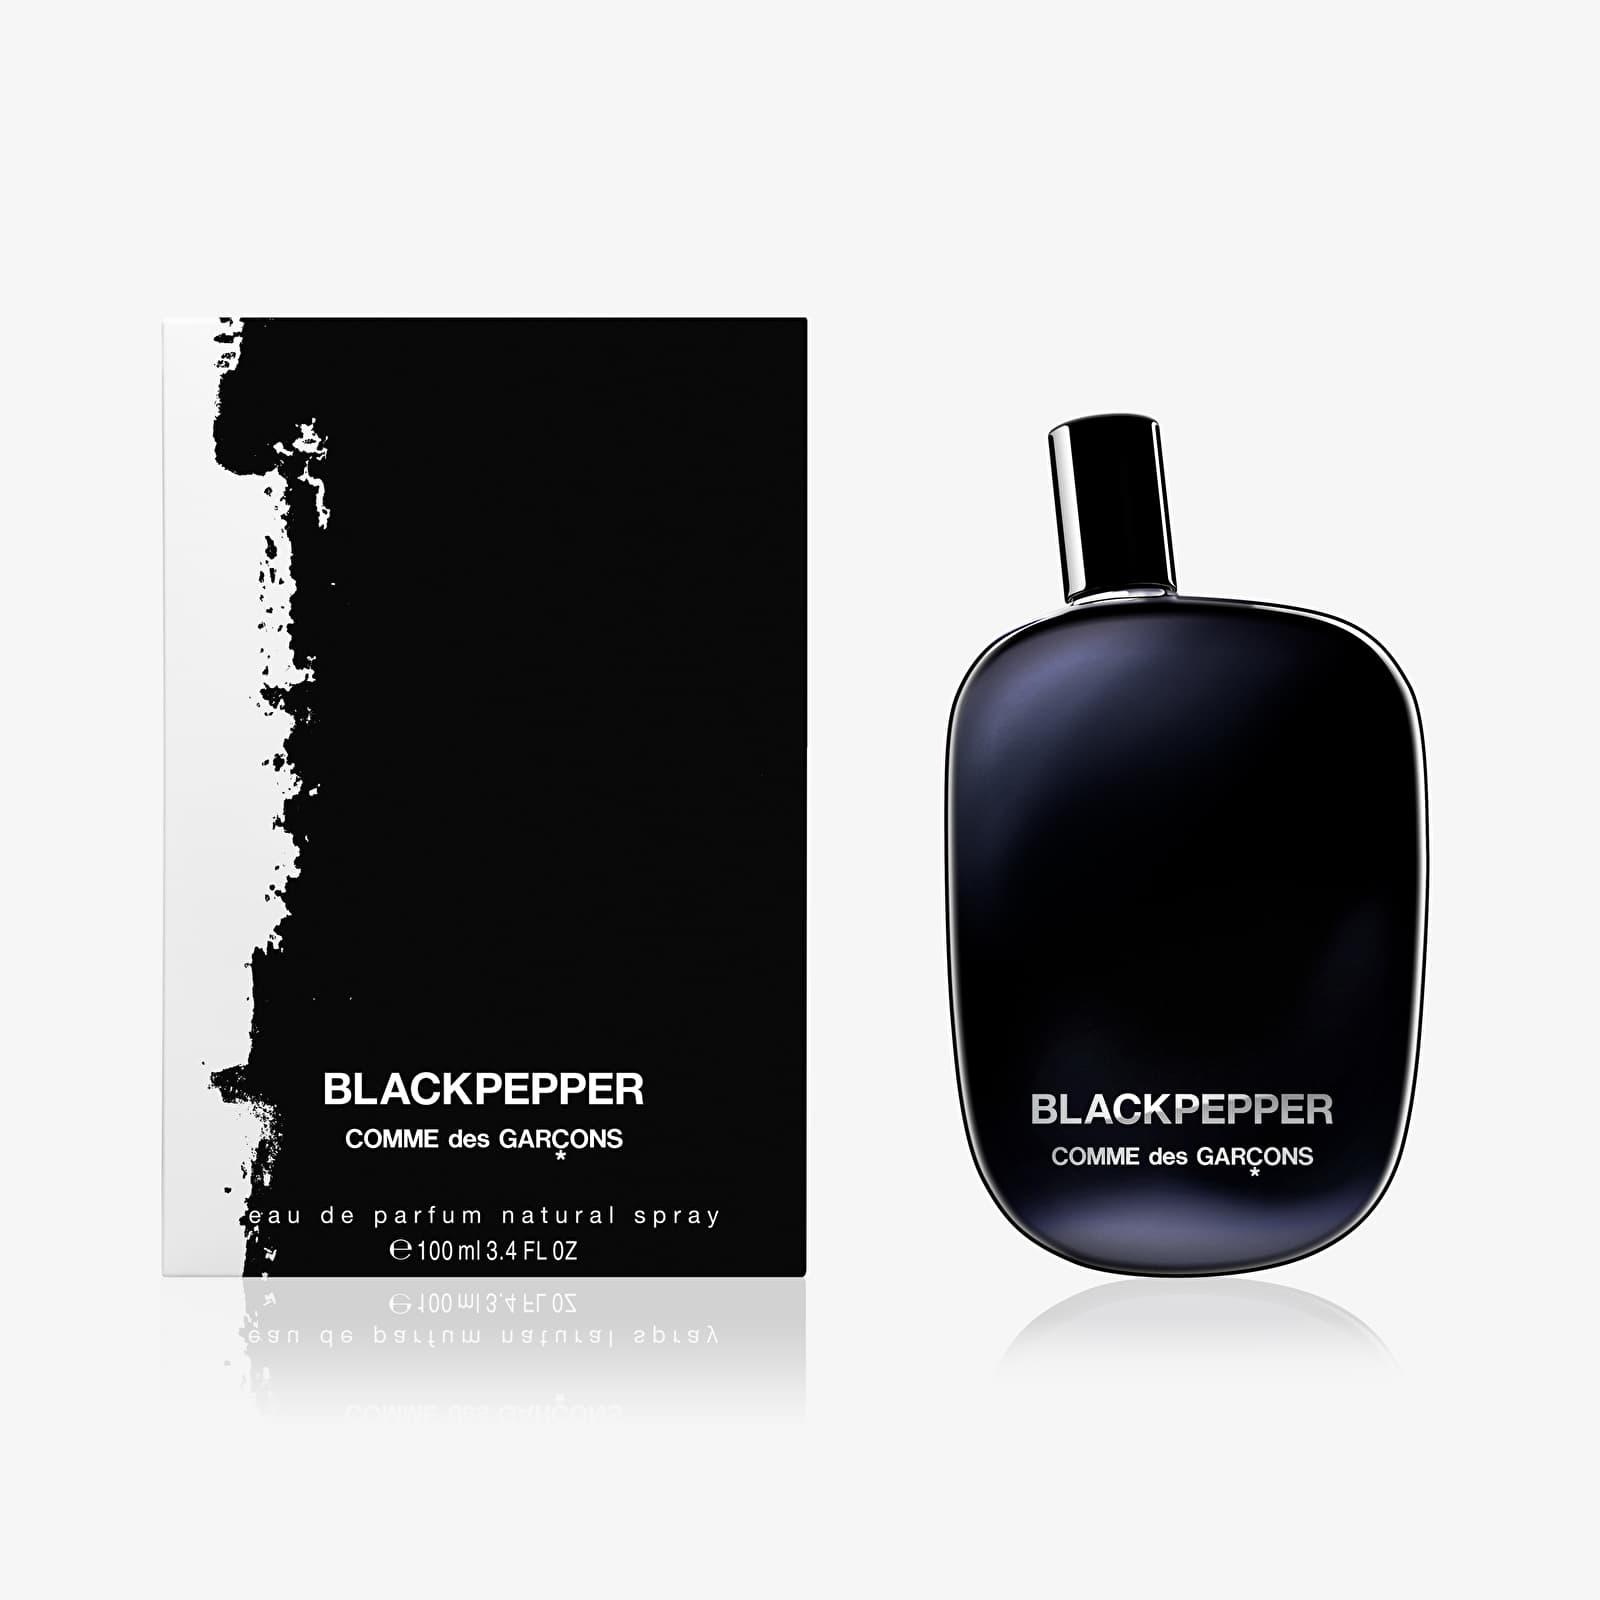 Parfémy Comme des Garçons Blackpepper Eau De Parfum Natural Spray